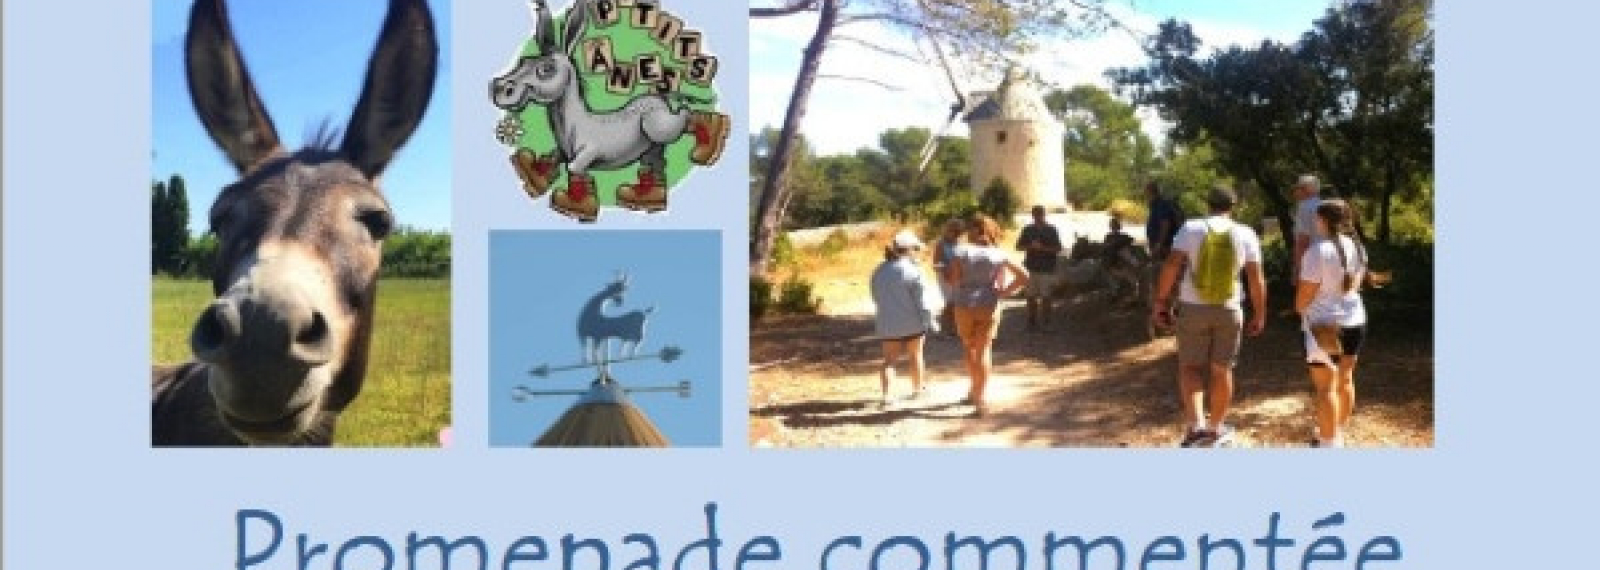 Promenade commentée au pas de l'âne sur le Sentier des Moulins d'Alphonse Daudet